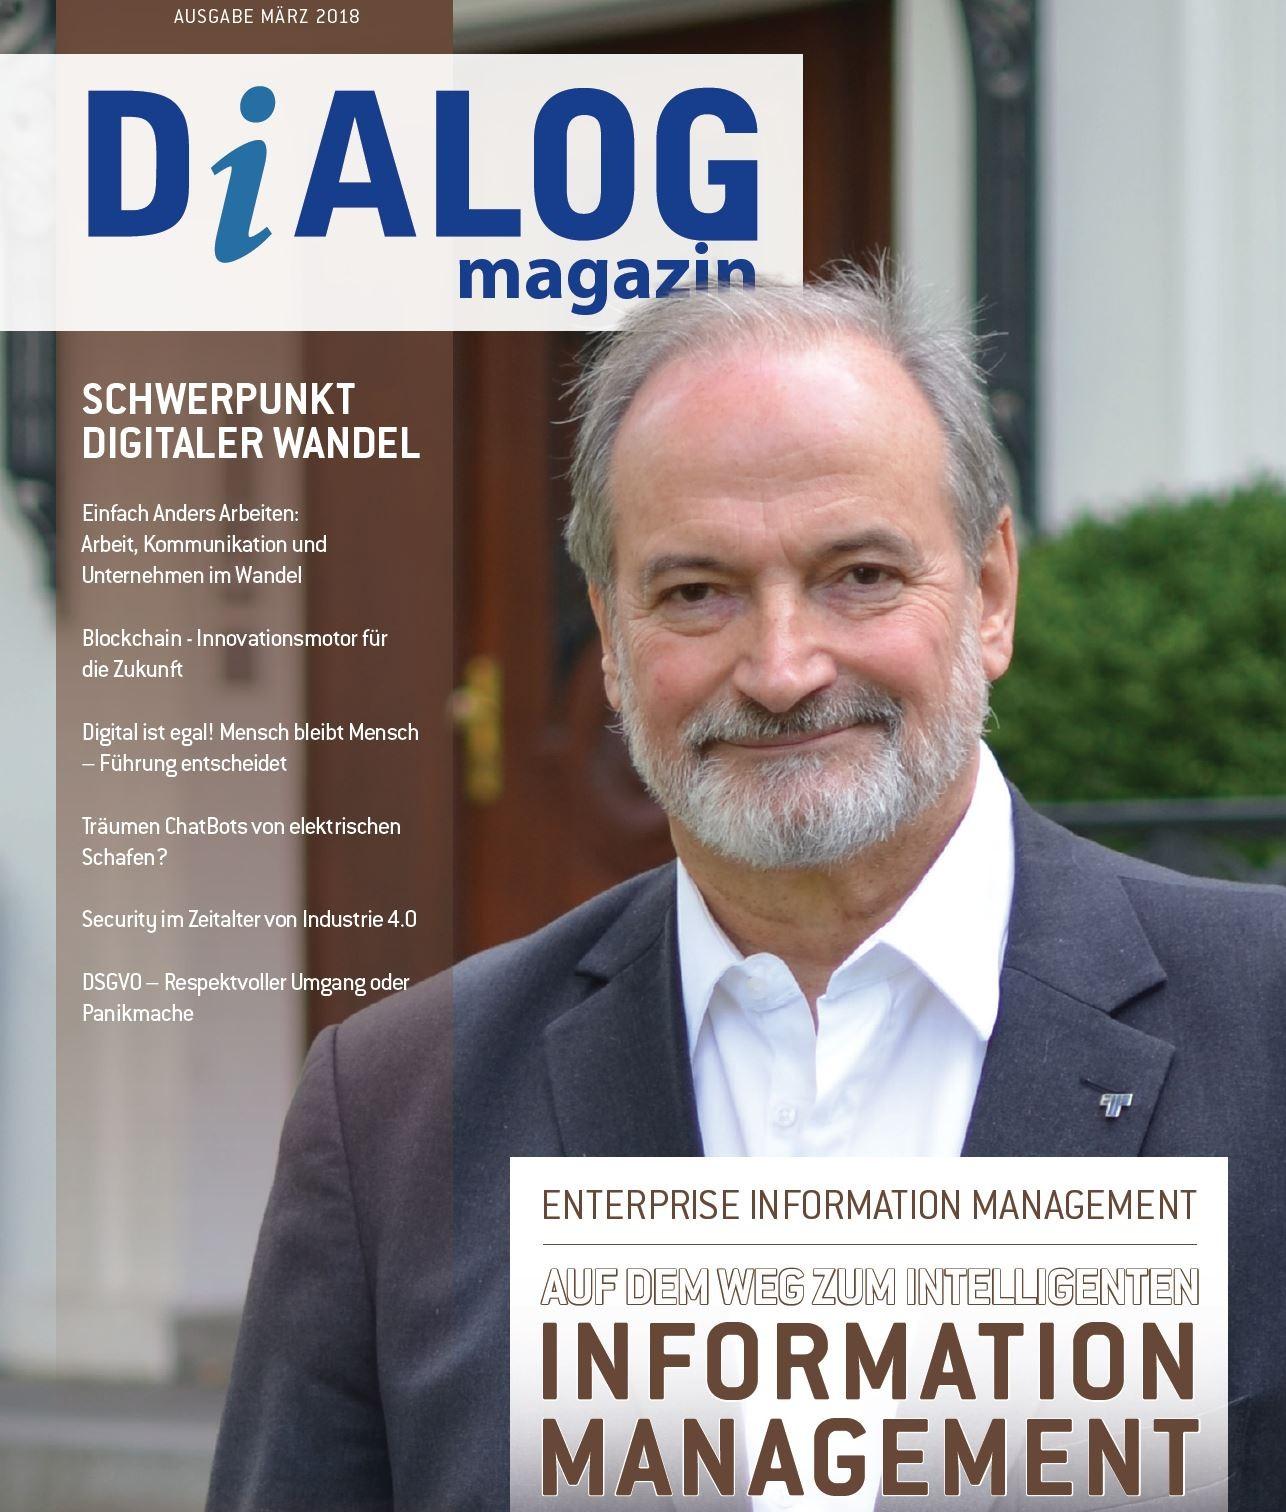 Auf dem Weg zum intelligenten Information Management - Interview mit Dr. Ulrich Kampffmeyer - Dialog Magazin März 2018 Seite 8 - 17